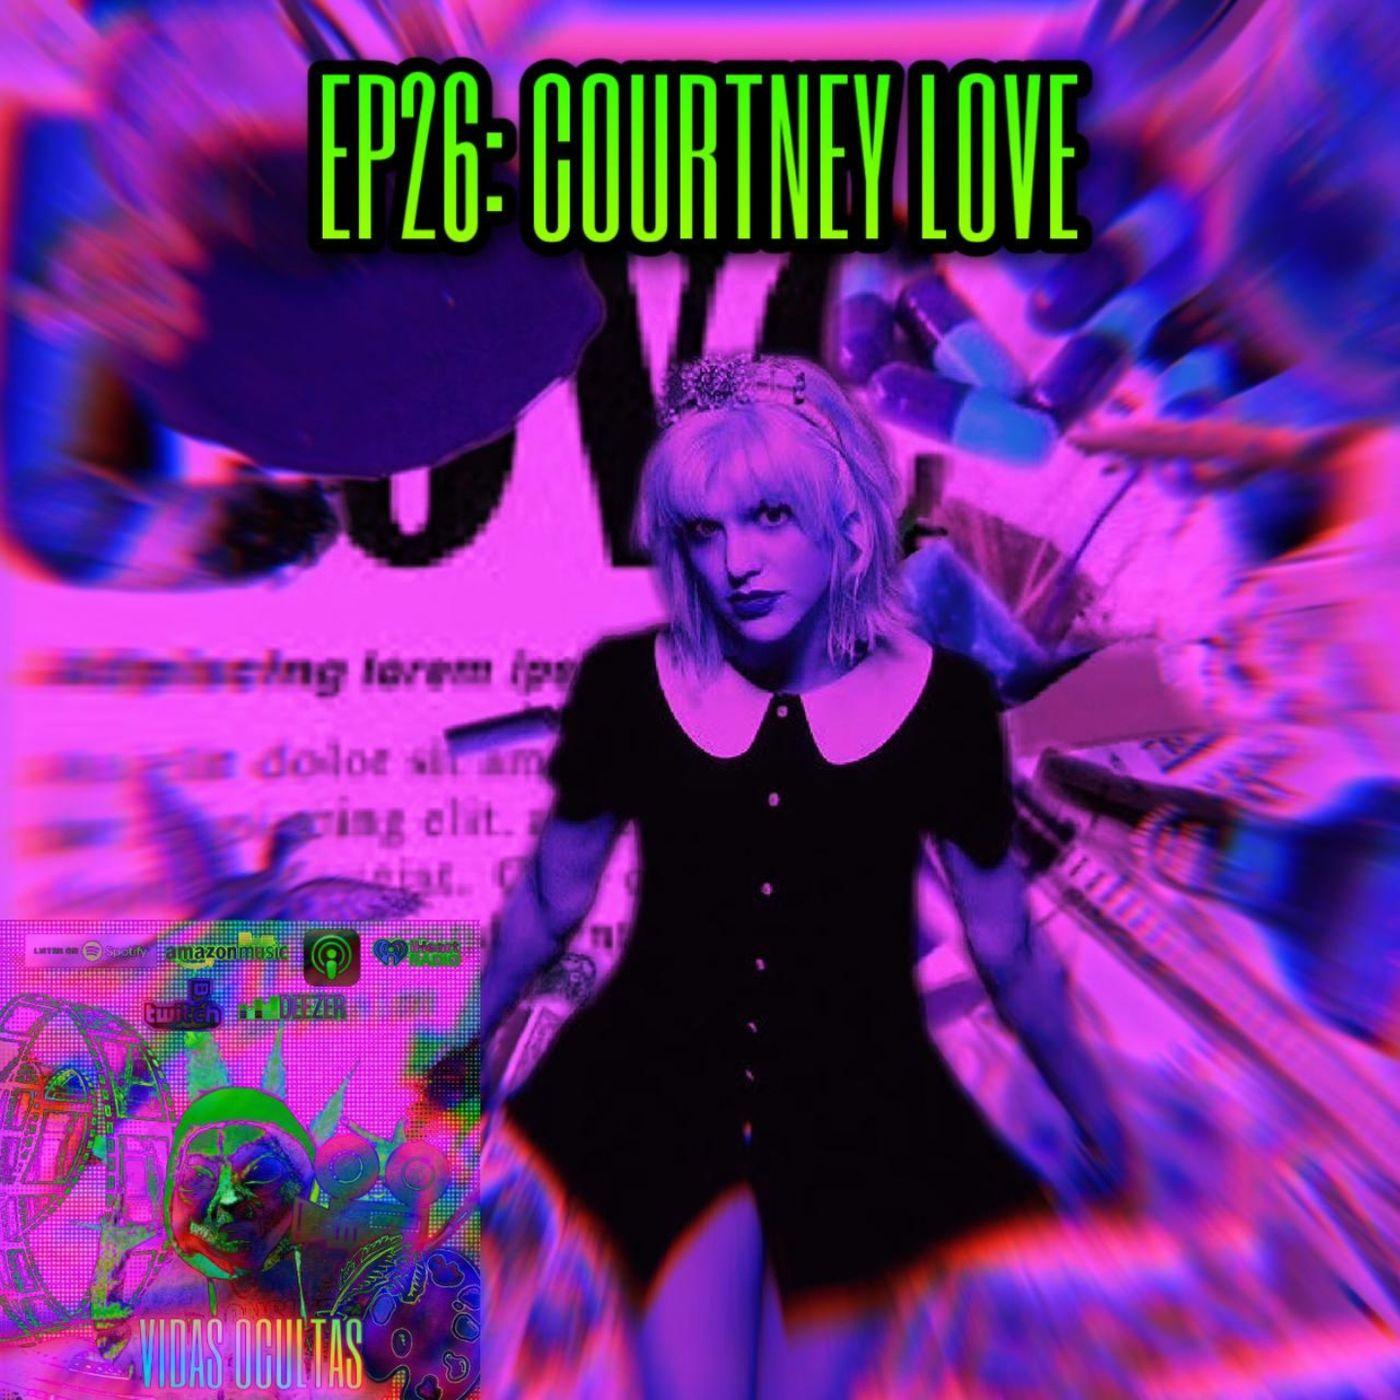 E26: COURTNEY LOVE